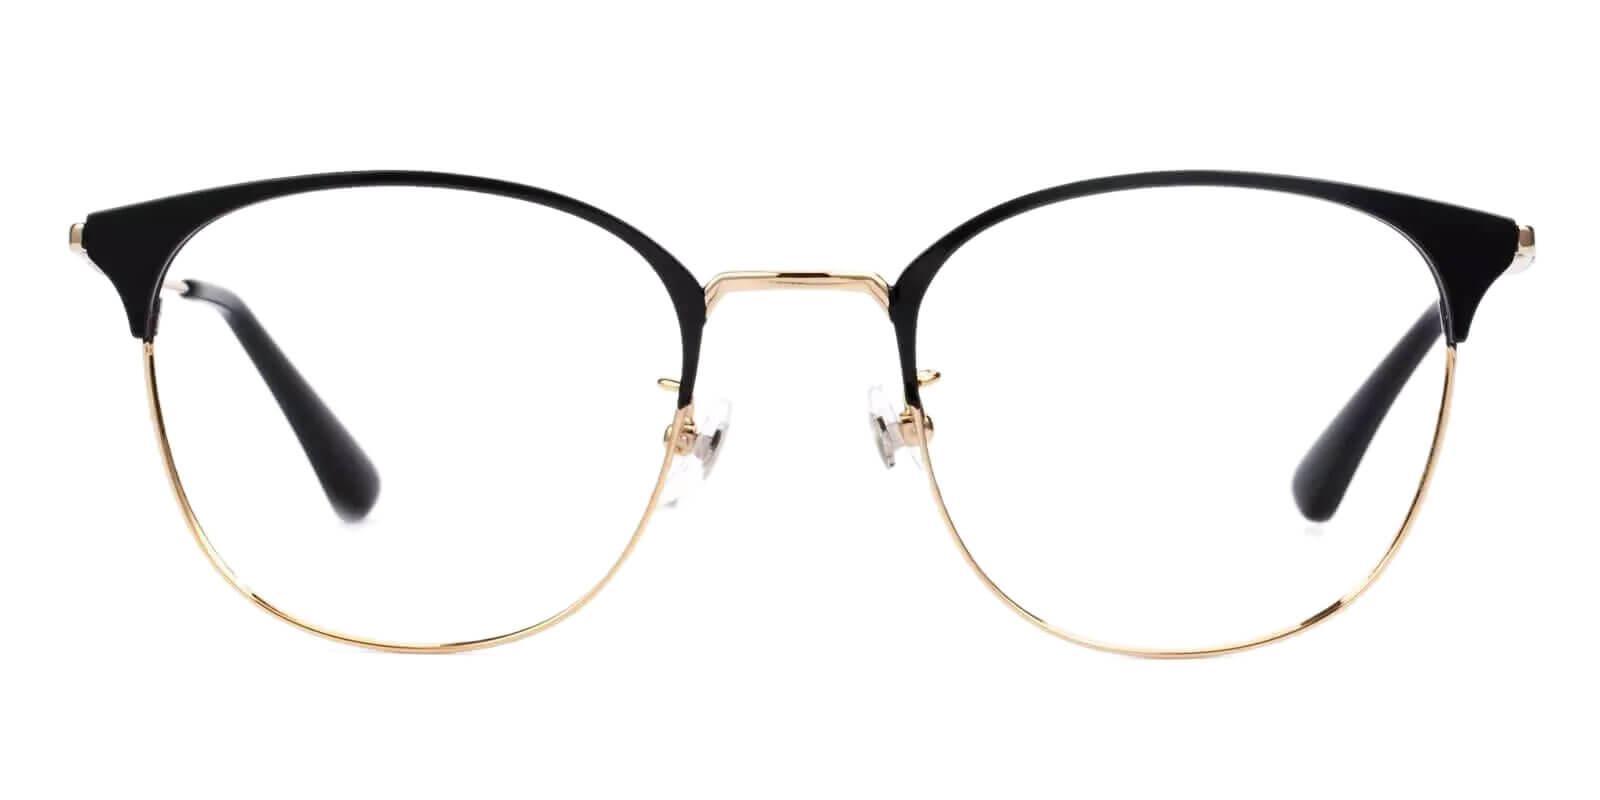 Delilah Gold Titanium Eyeglasses , Lightweight , NosePads Frames from ABBE Glasses